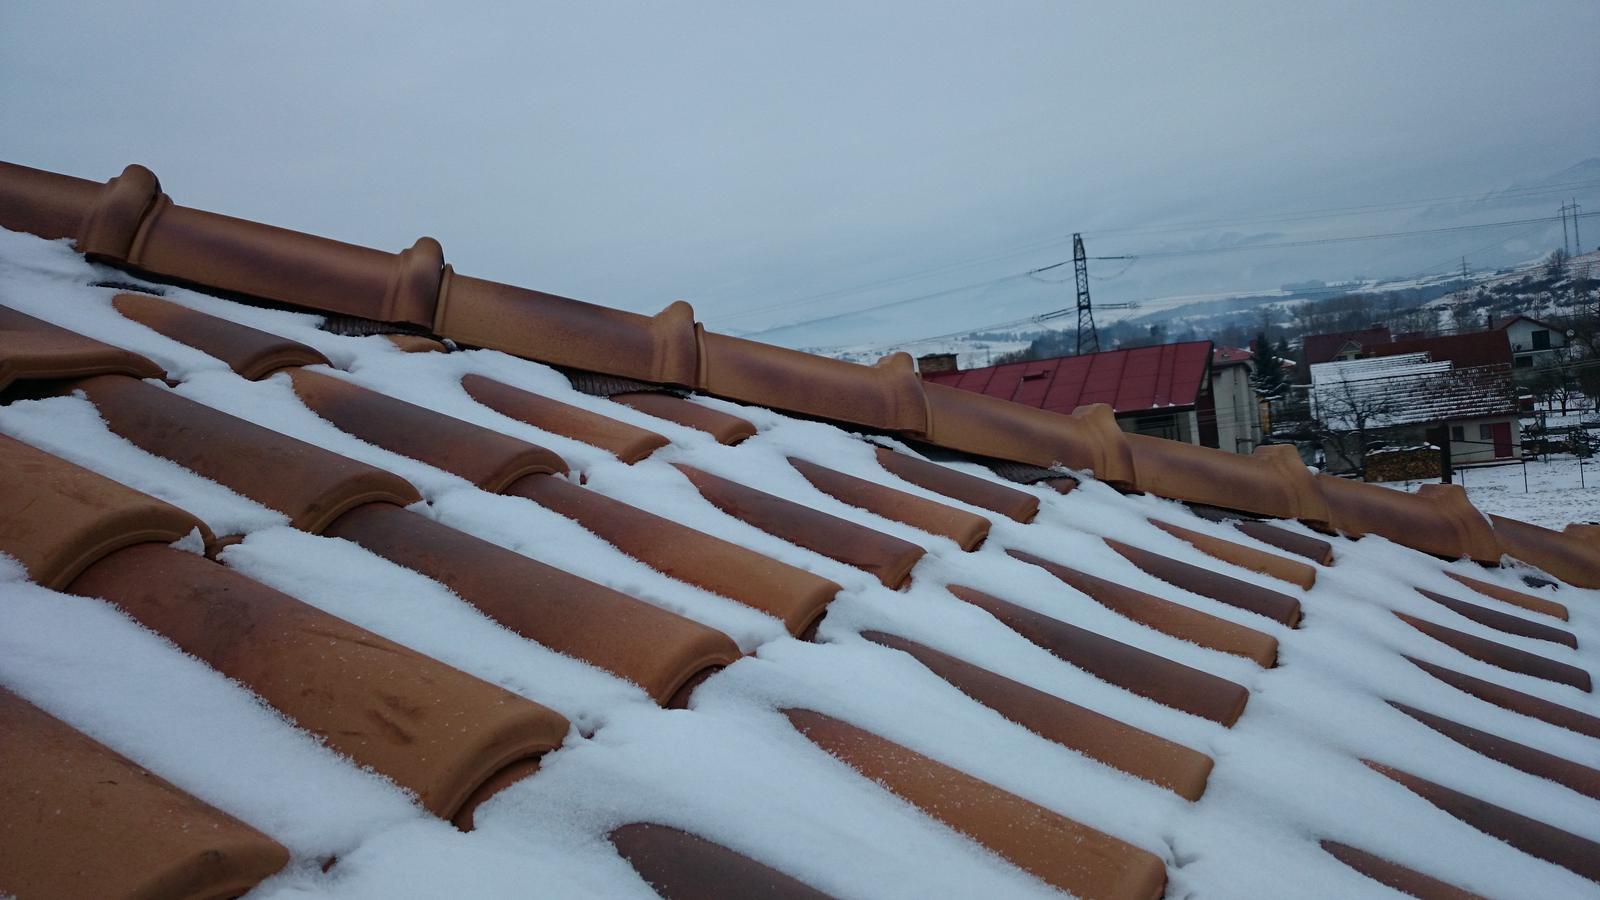 Sen, ktorý sa volá náš domček - Prvý sneh na našej prekrásnej škridle.